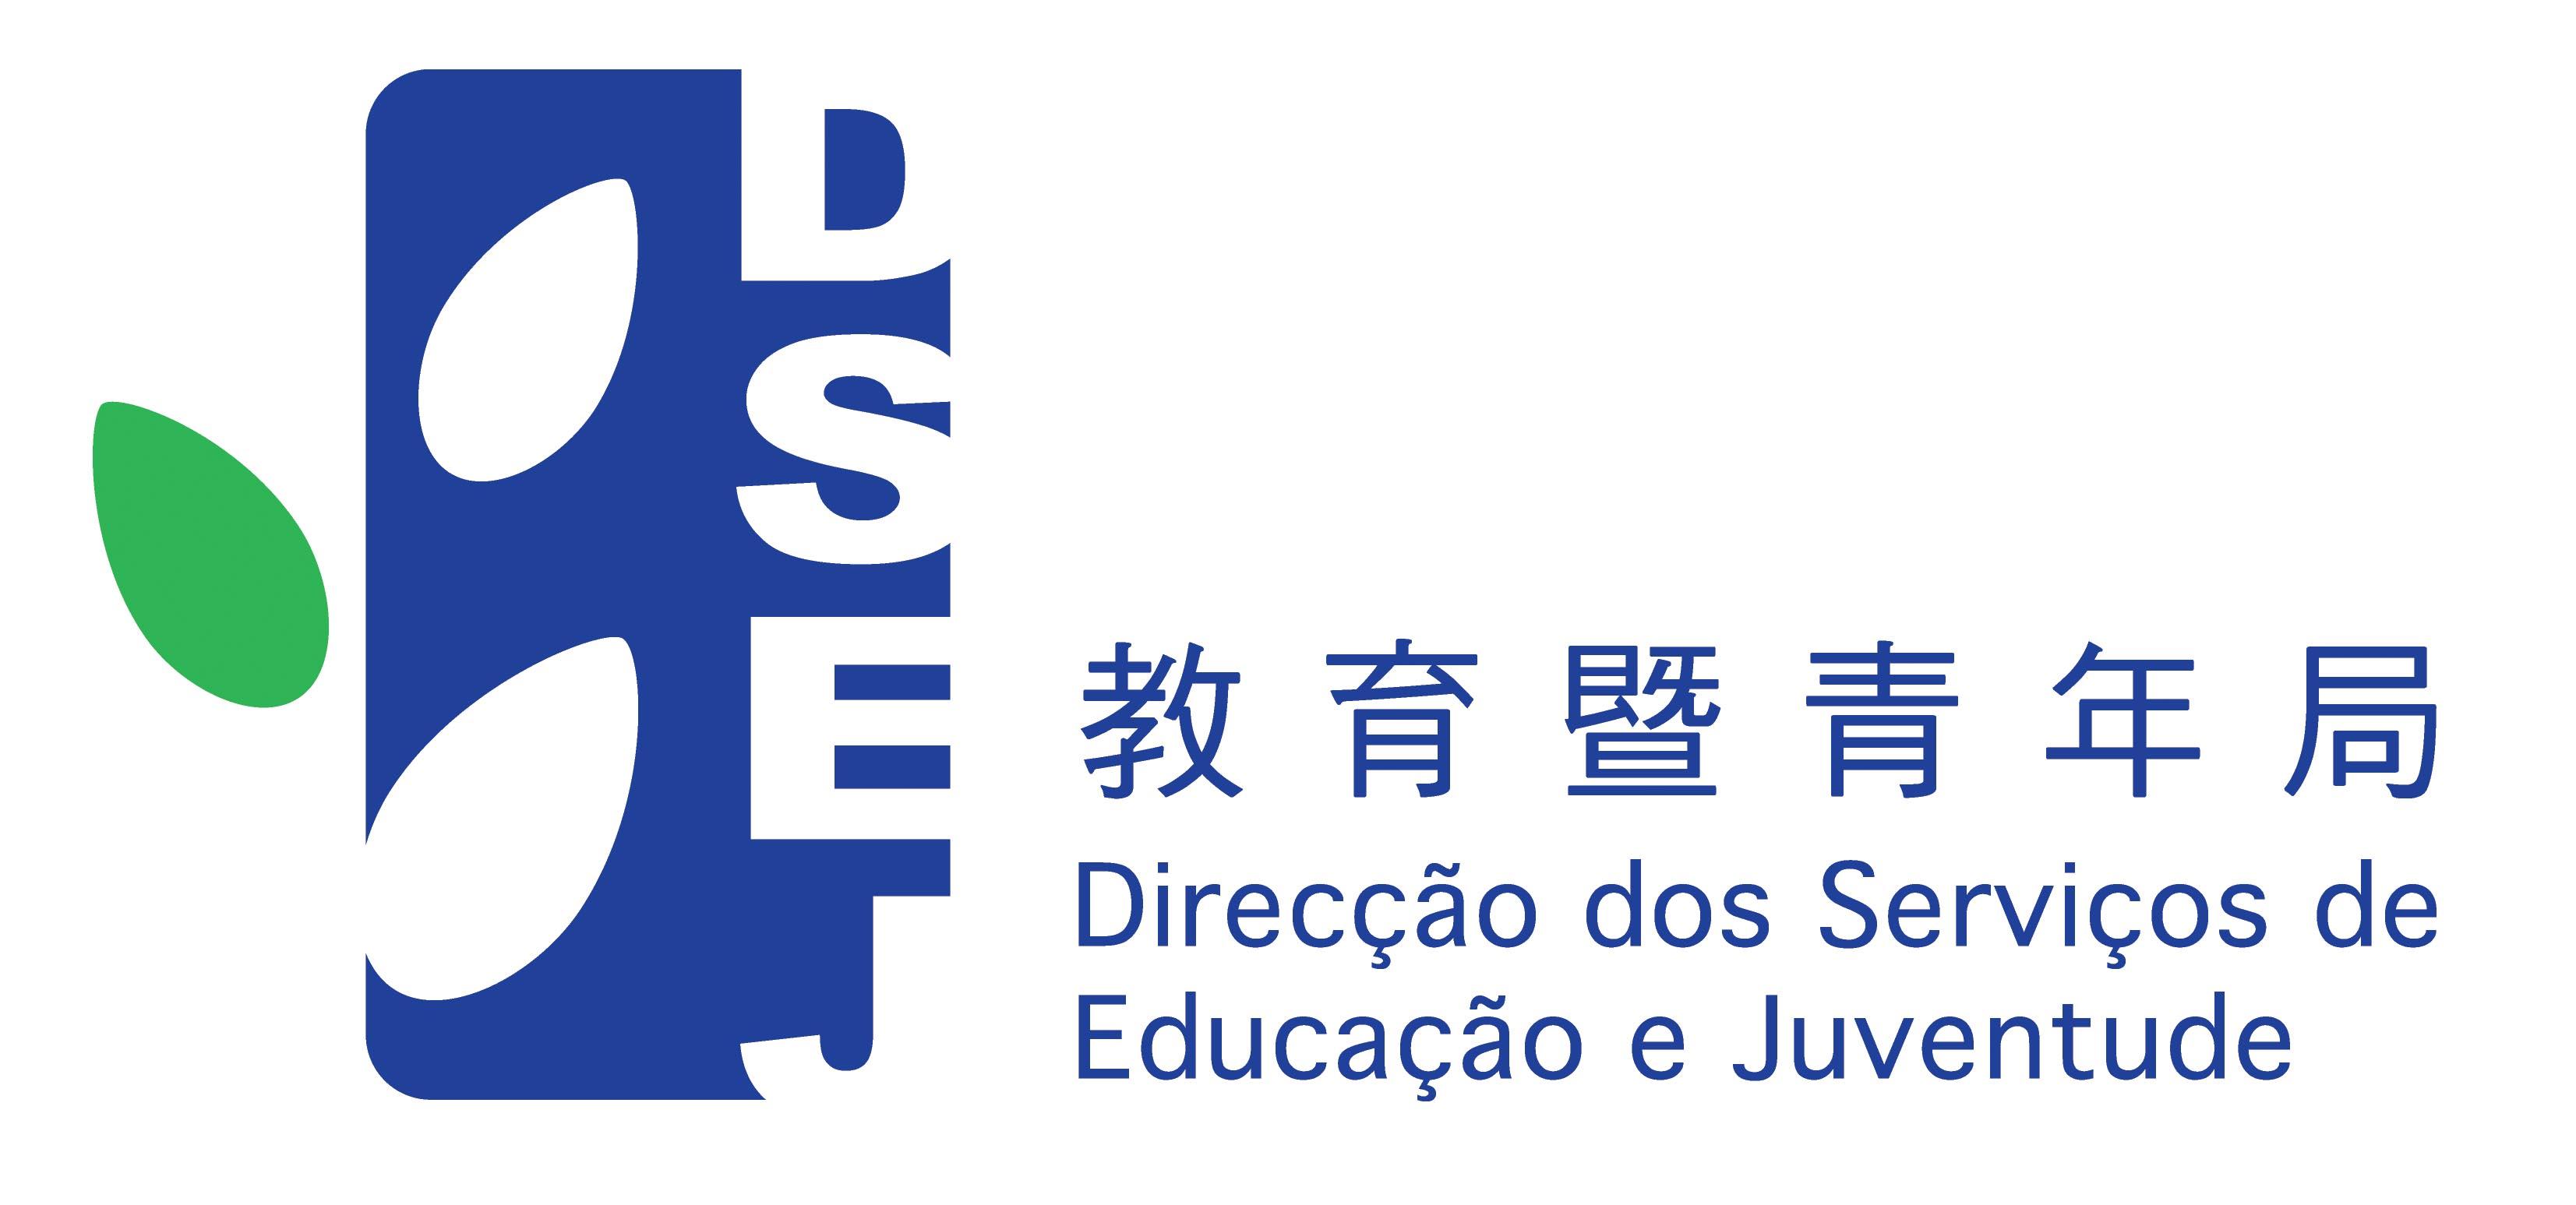 DSEJ_logo_format1.jpg